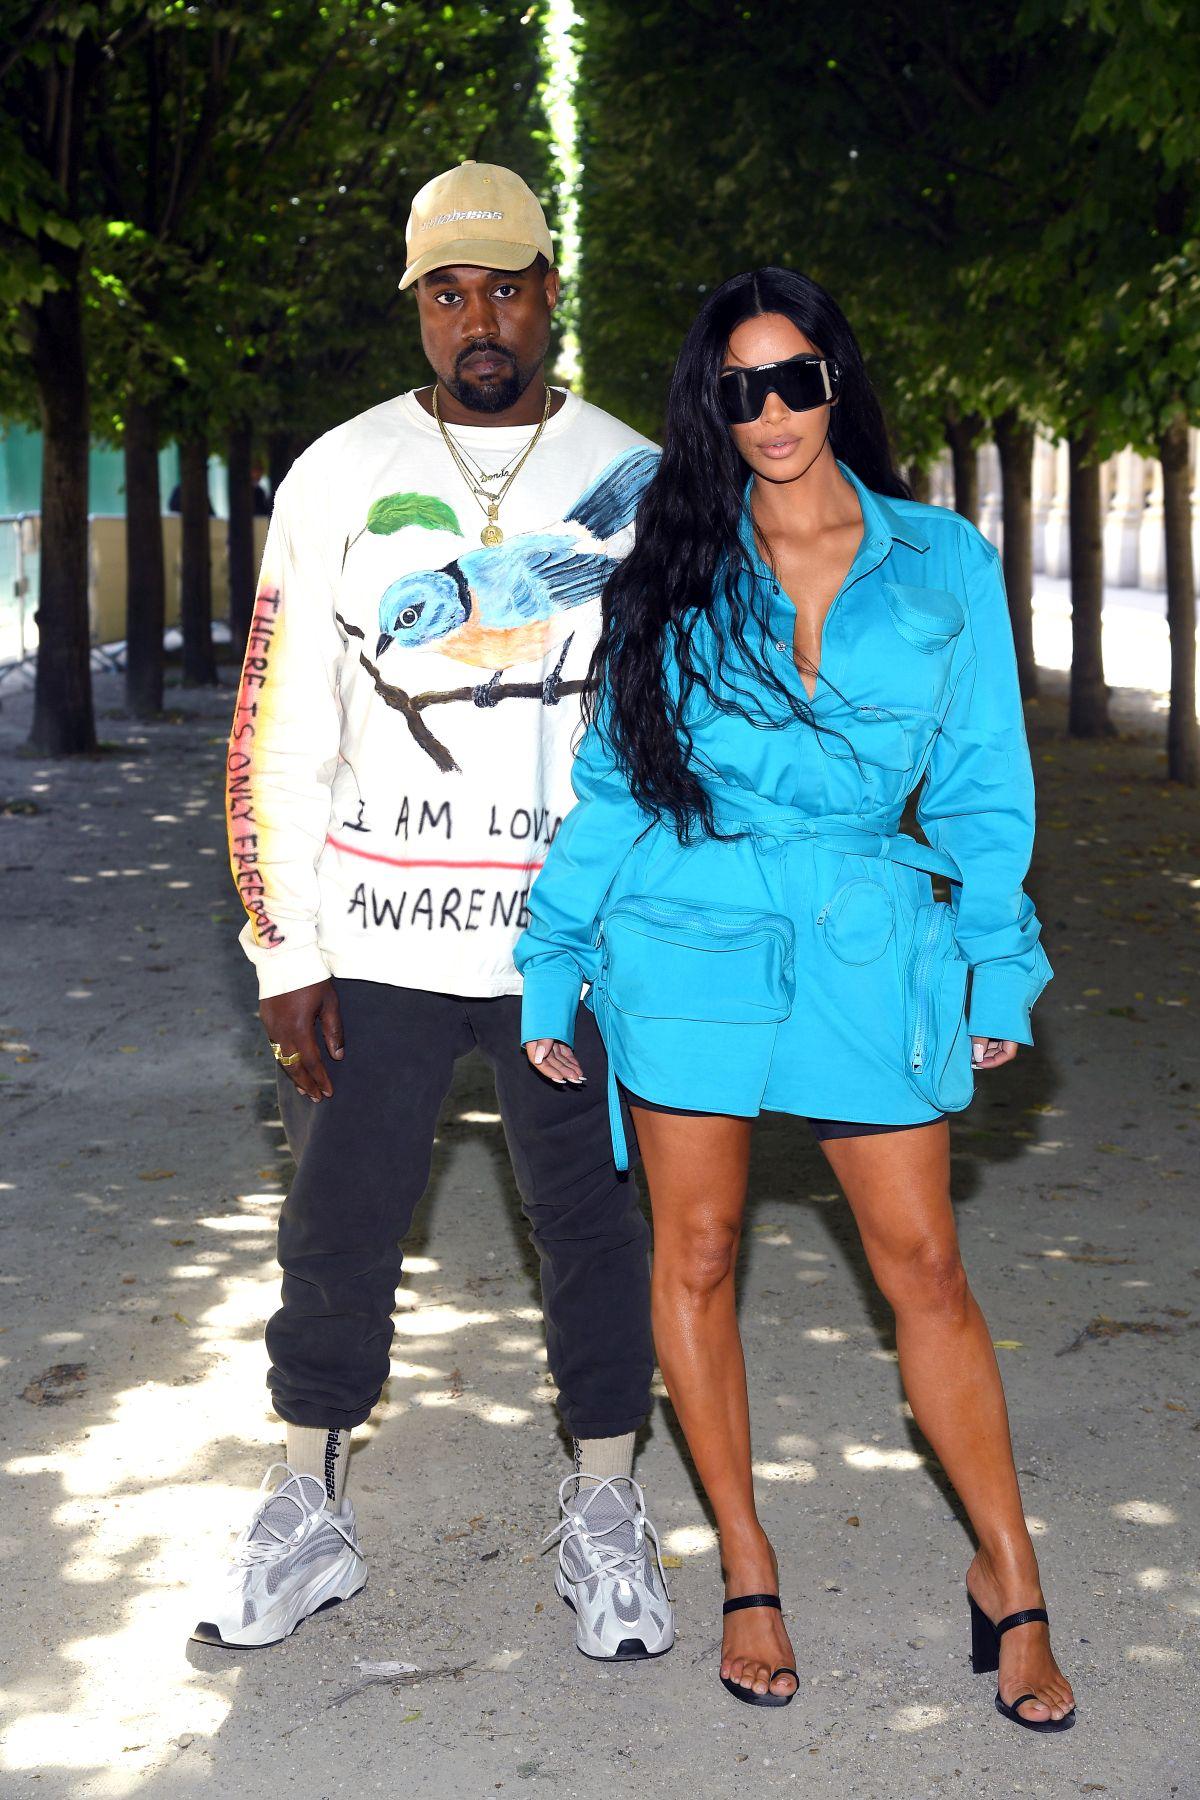 Kim Kardashian, într-o ținută turcoaz și cu ochelari supradimensionți, fotografiată alături de Kanye West la Paris Fashion Week, în anul 2018